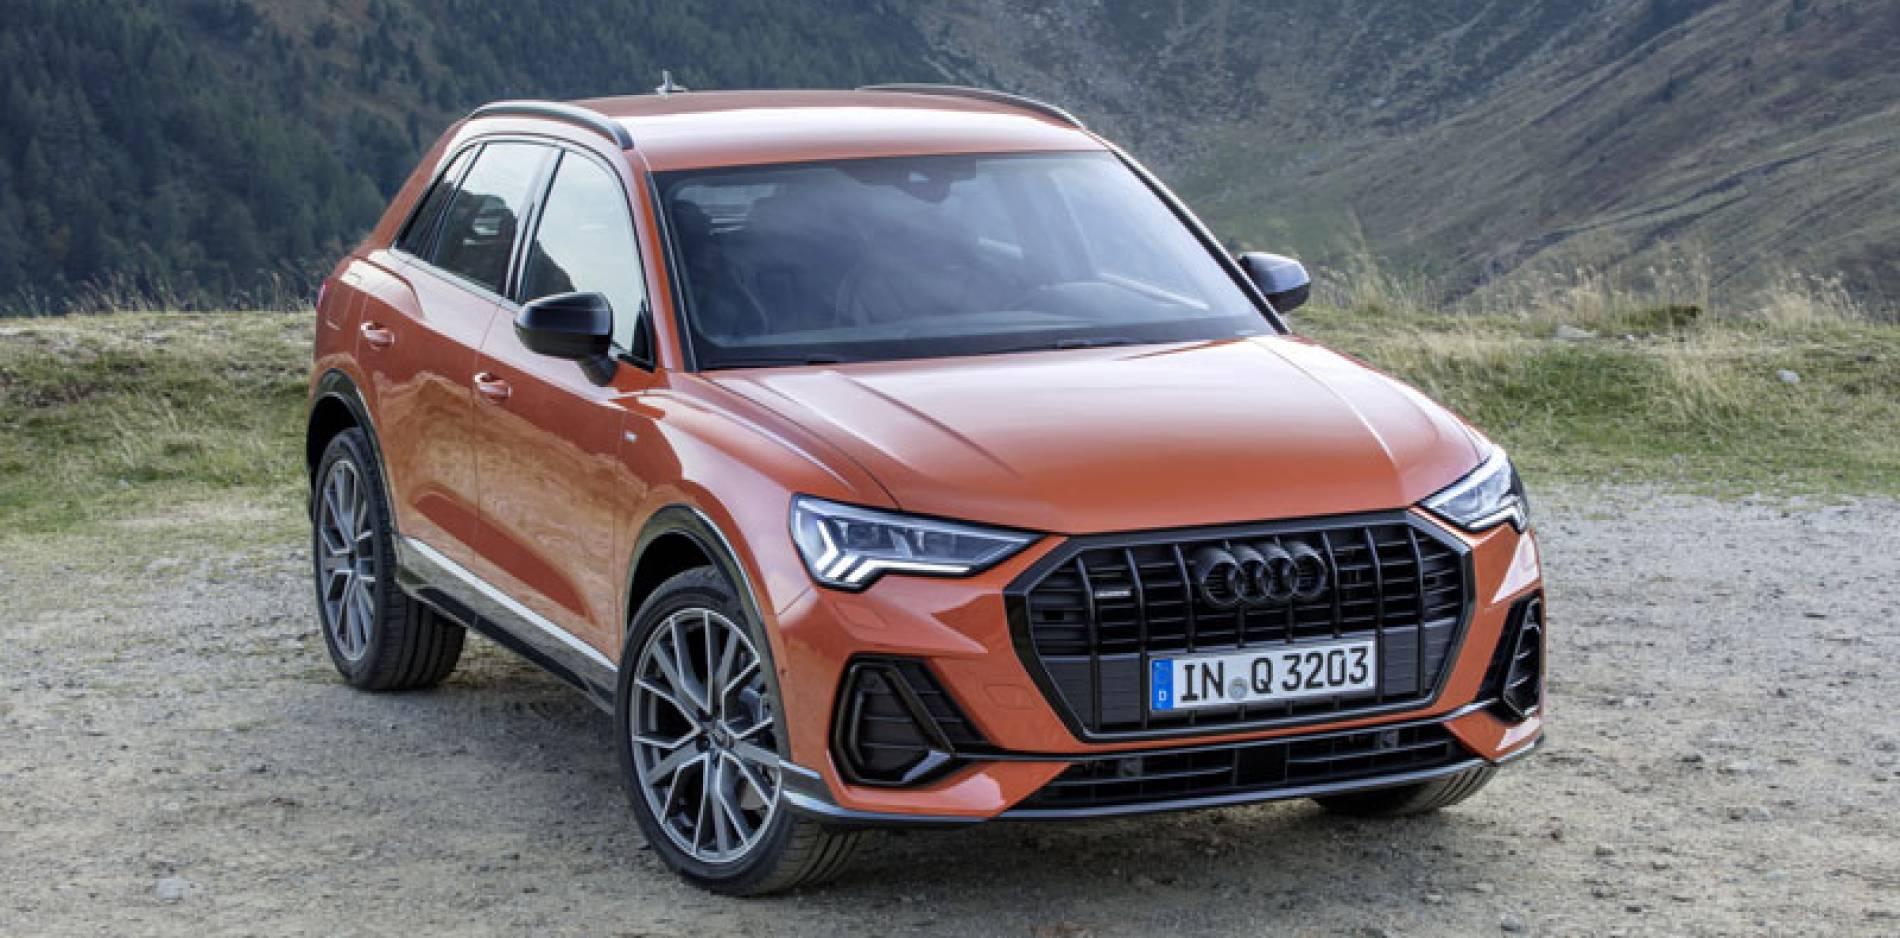 Audi Q3 2018, a prueba la nueva generación del SUV compacto